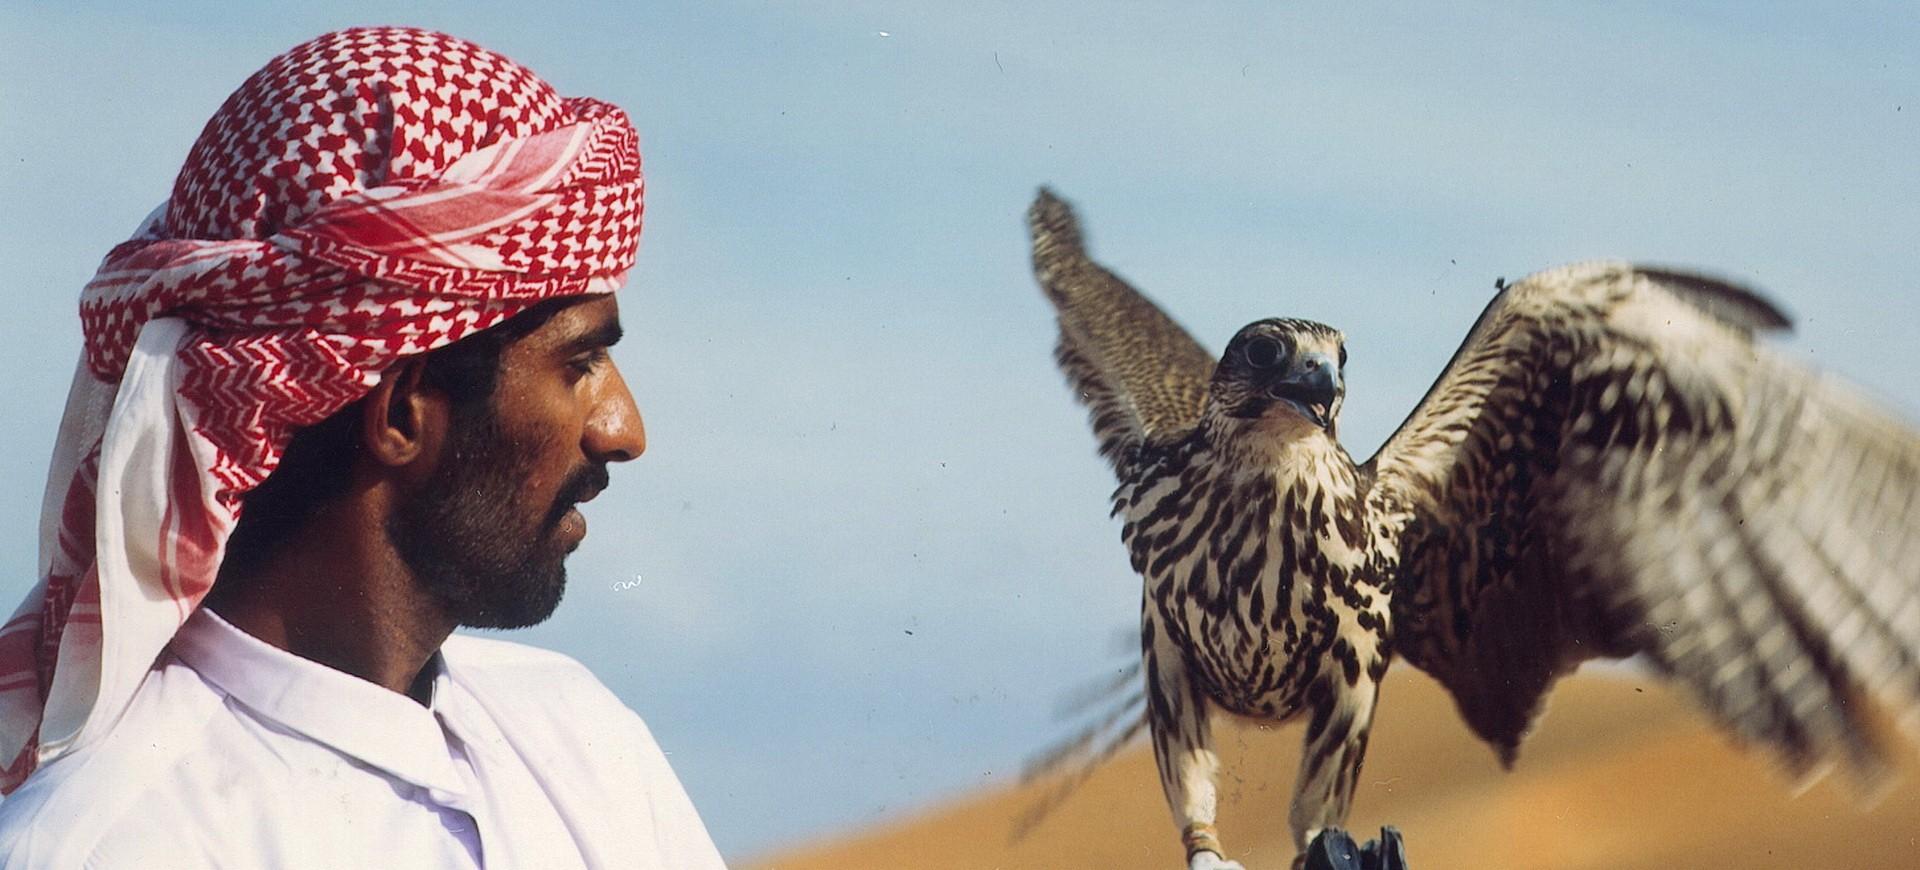 Aigle dans le désert aux Emirats Arabes Unis